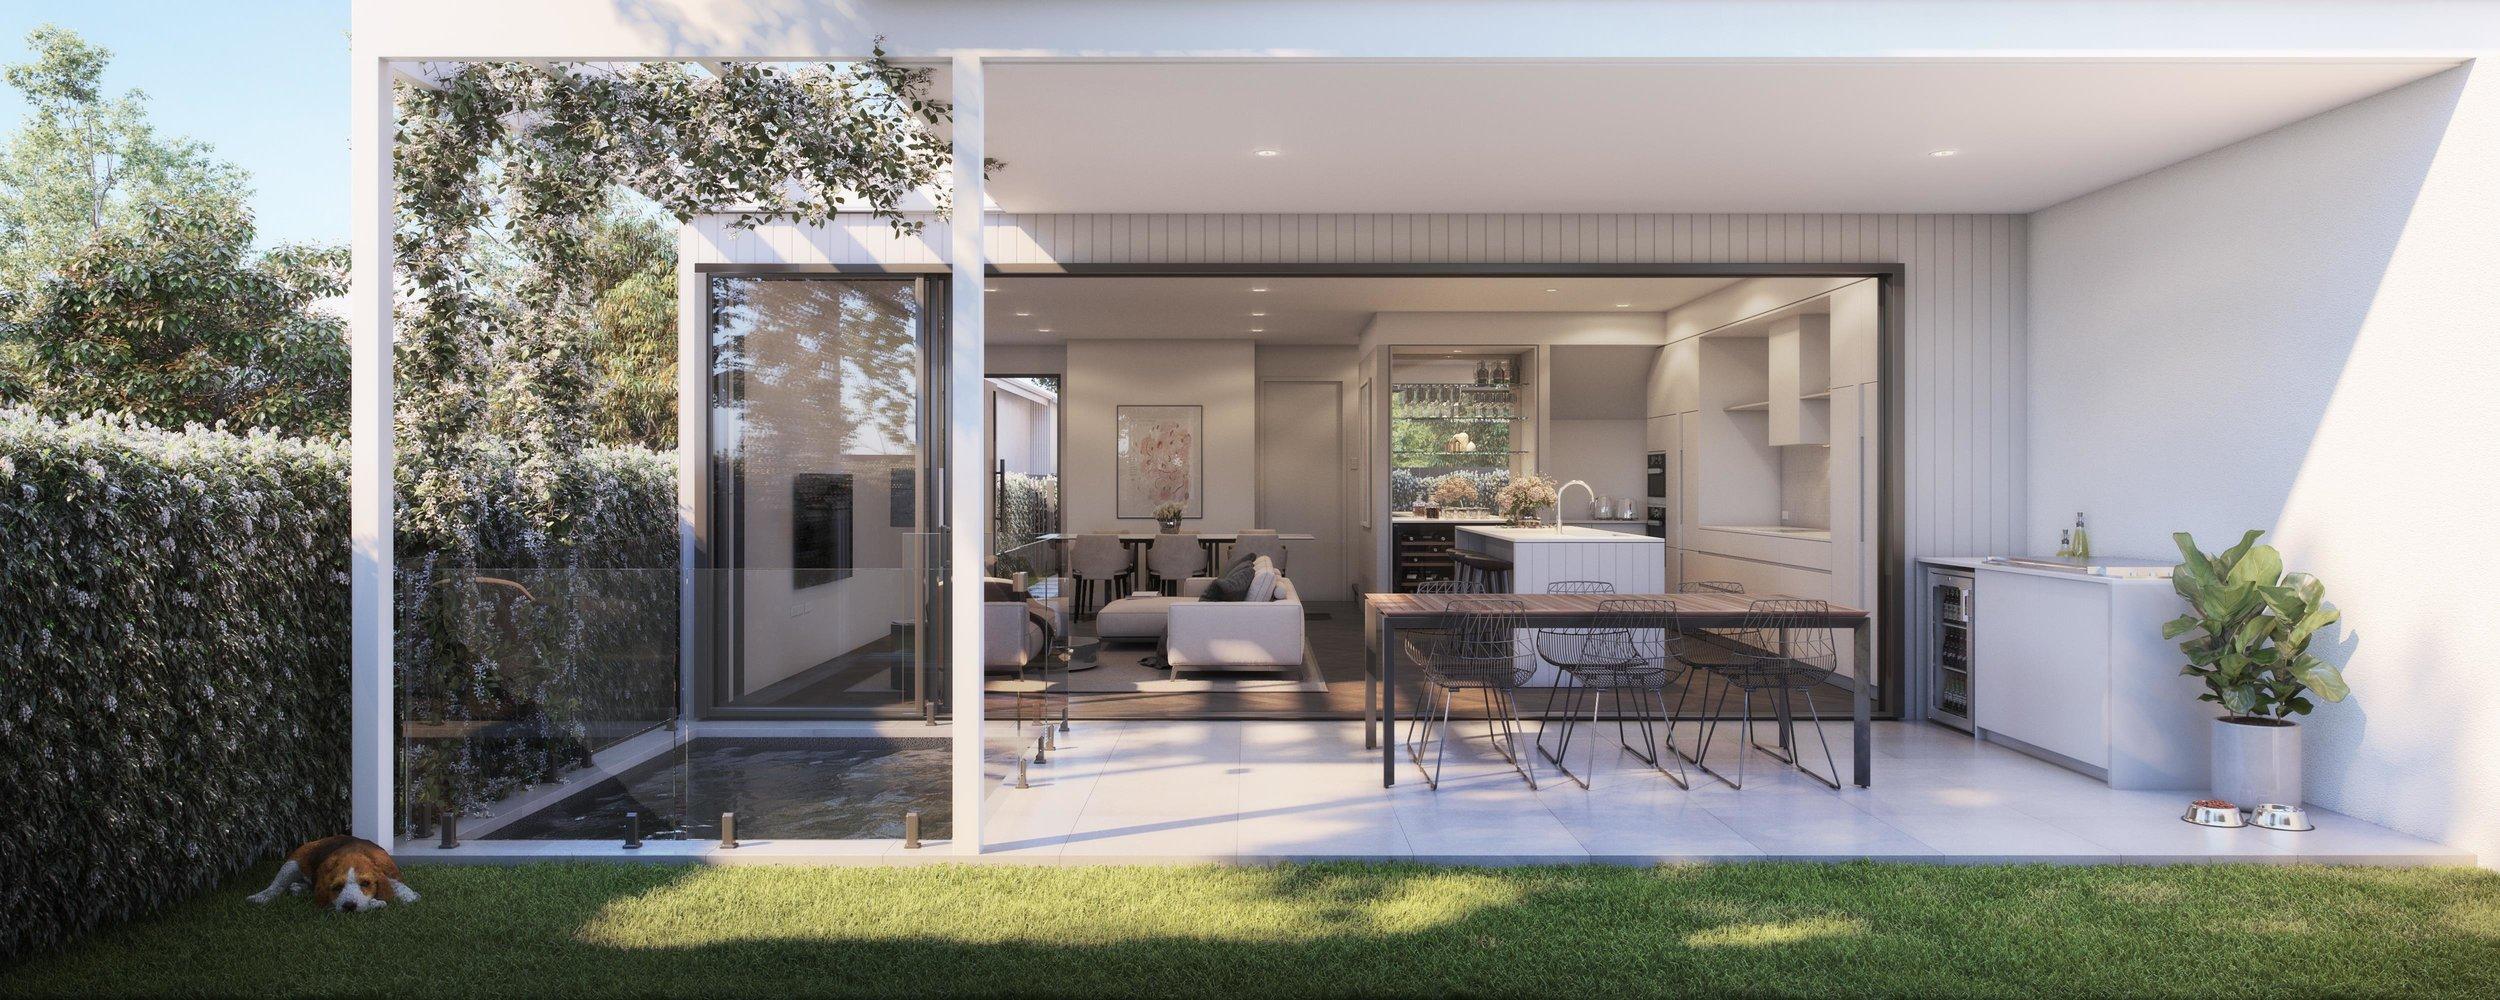 Jardin Residences - Courtyard